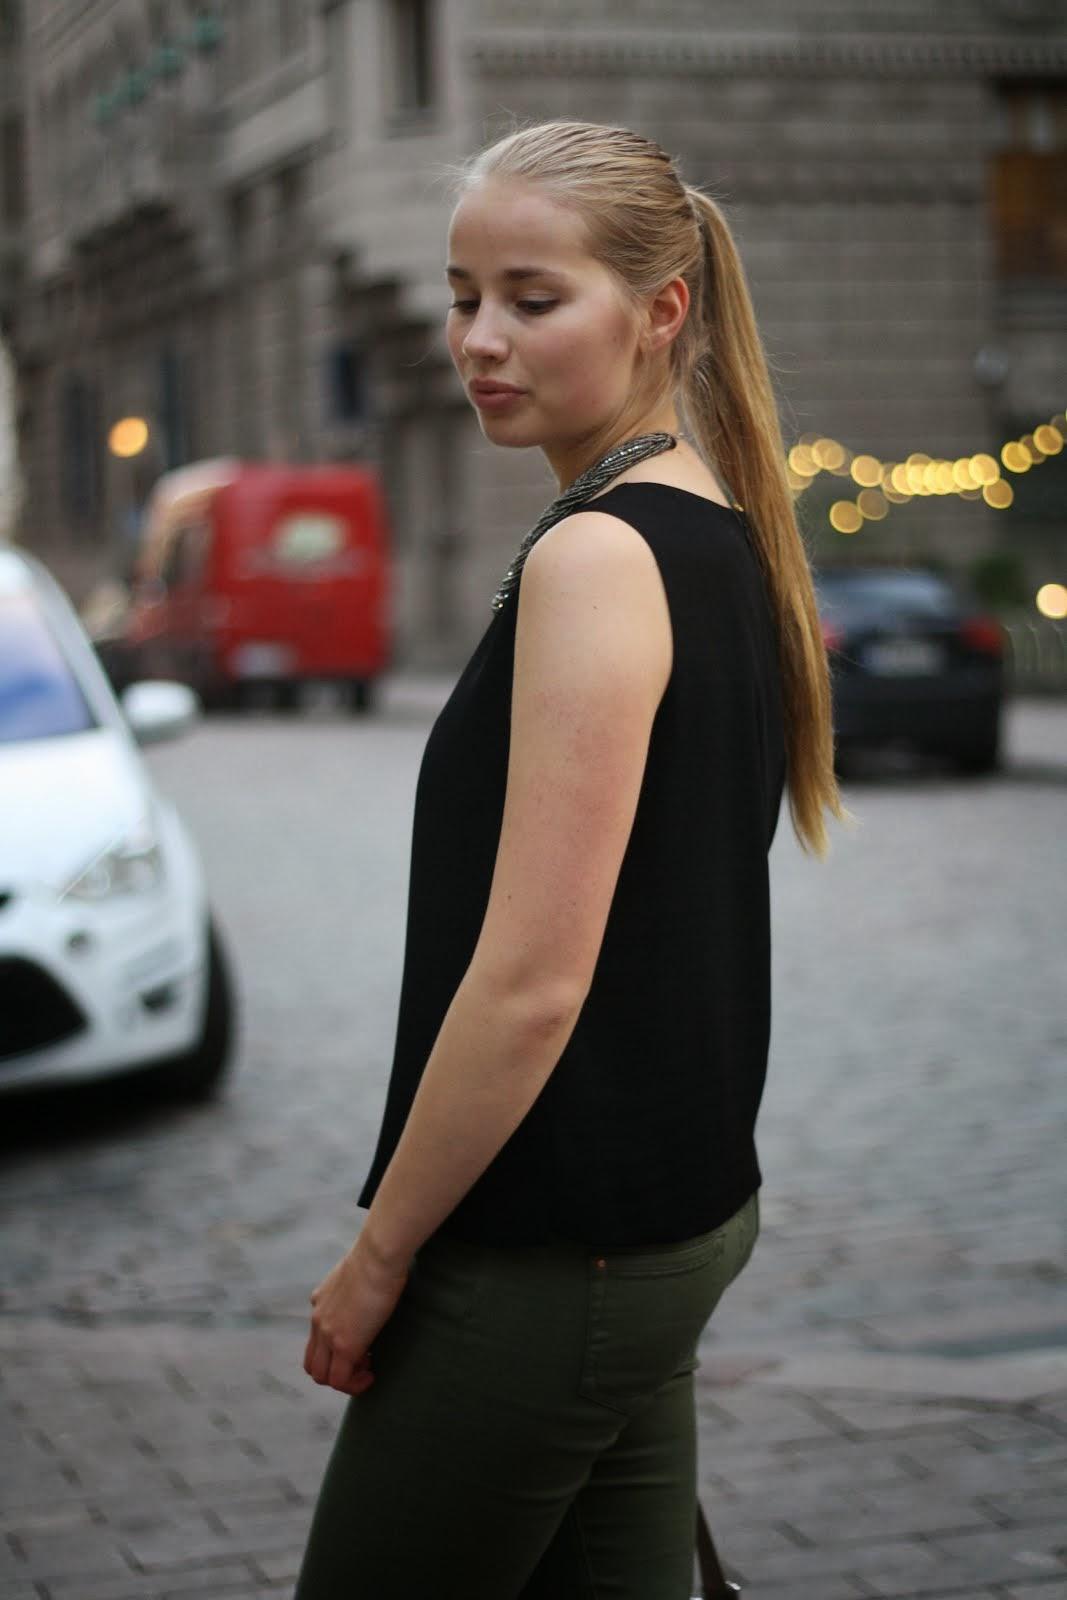 Laura Aniela